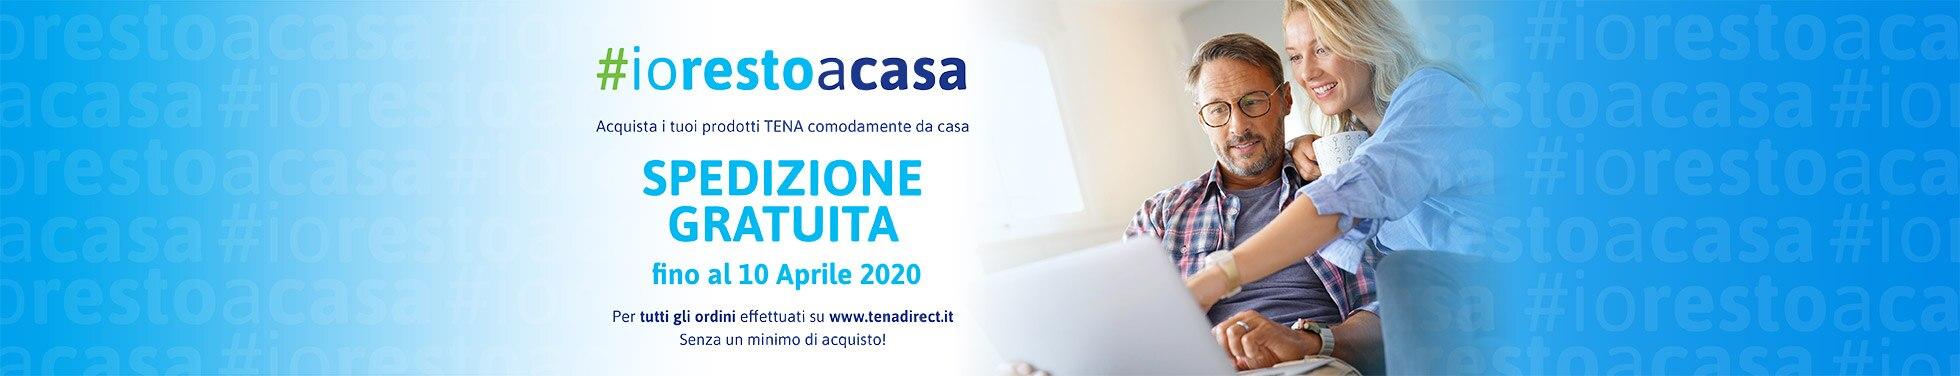 #iorestoacasa spedizione gratuita fino al 10 aprile 2020